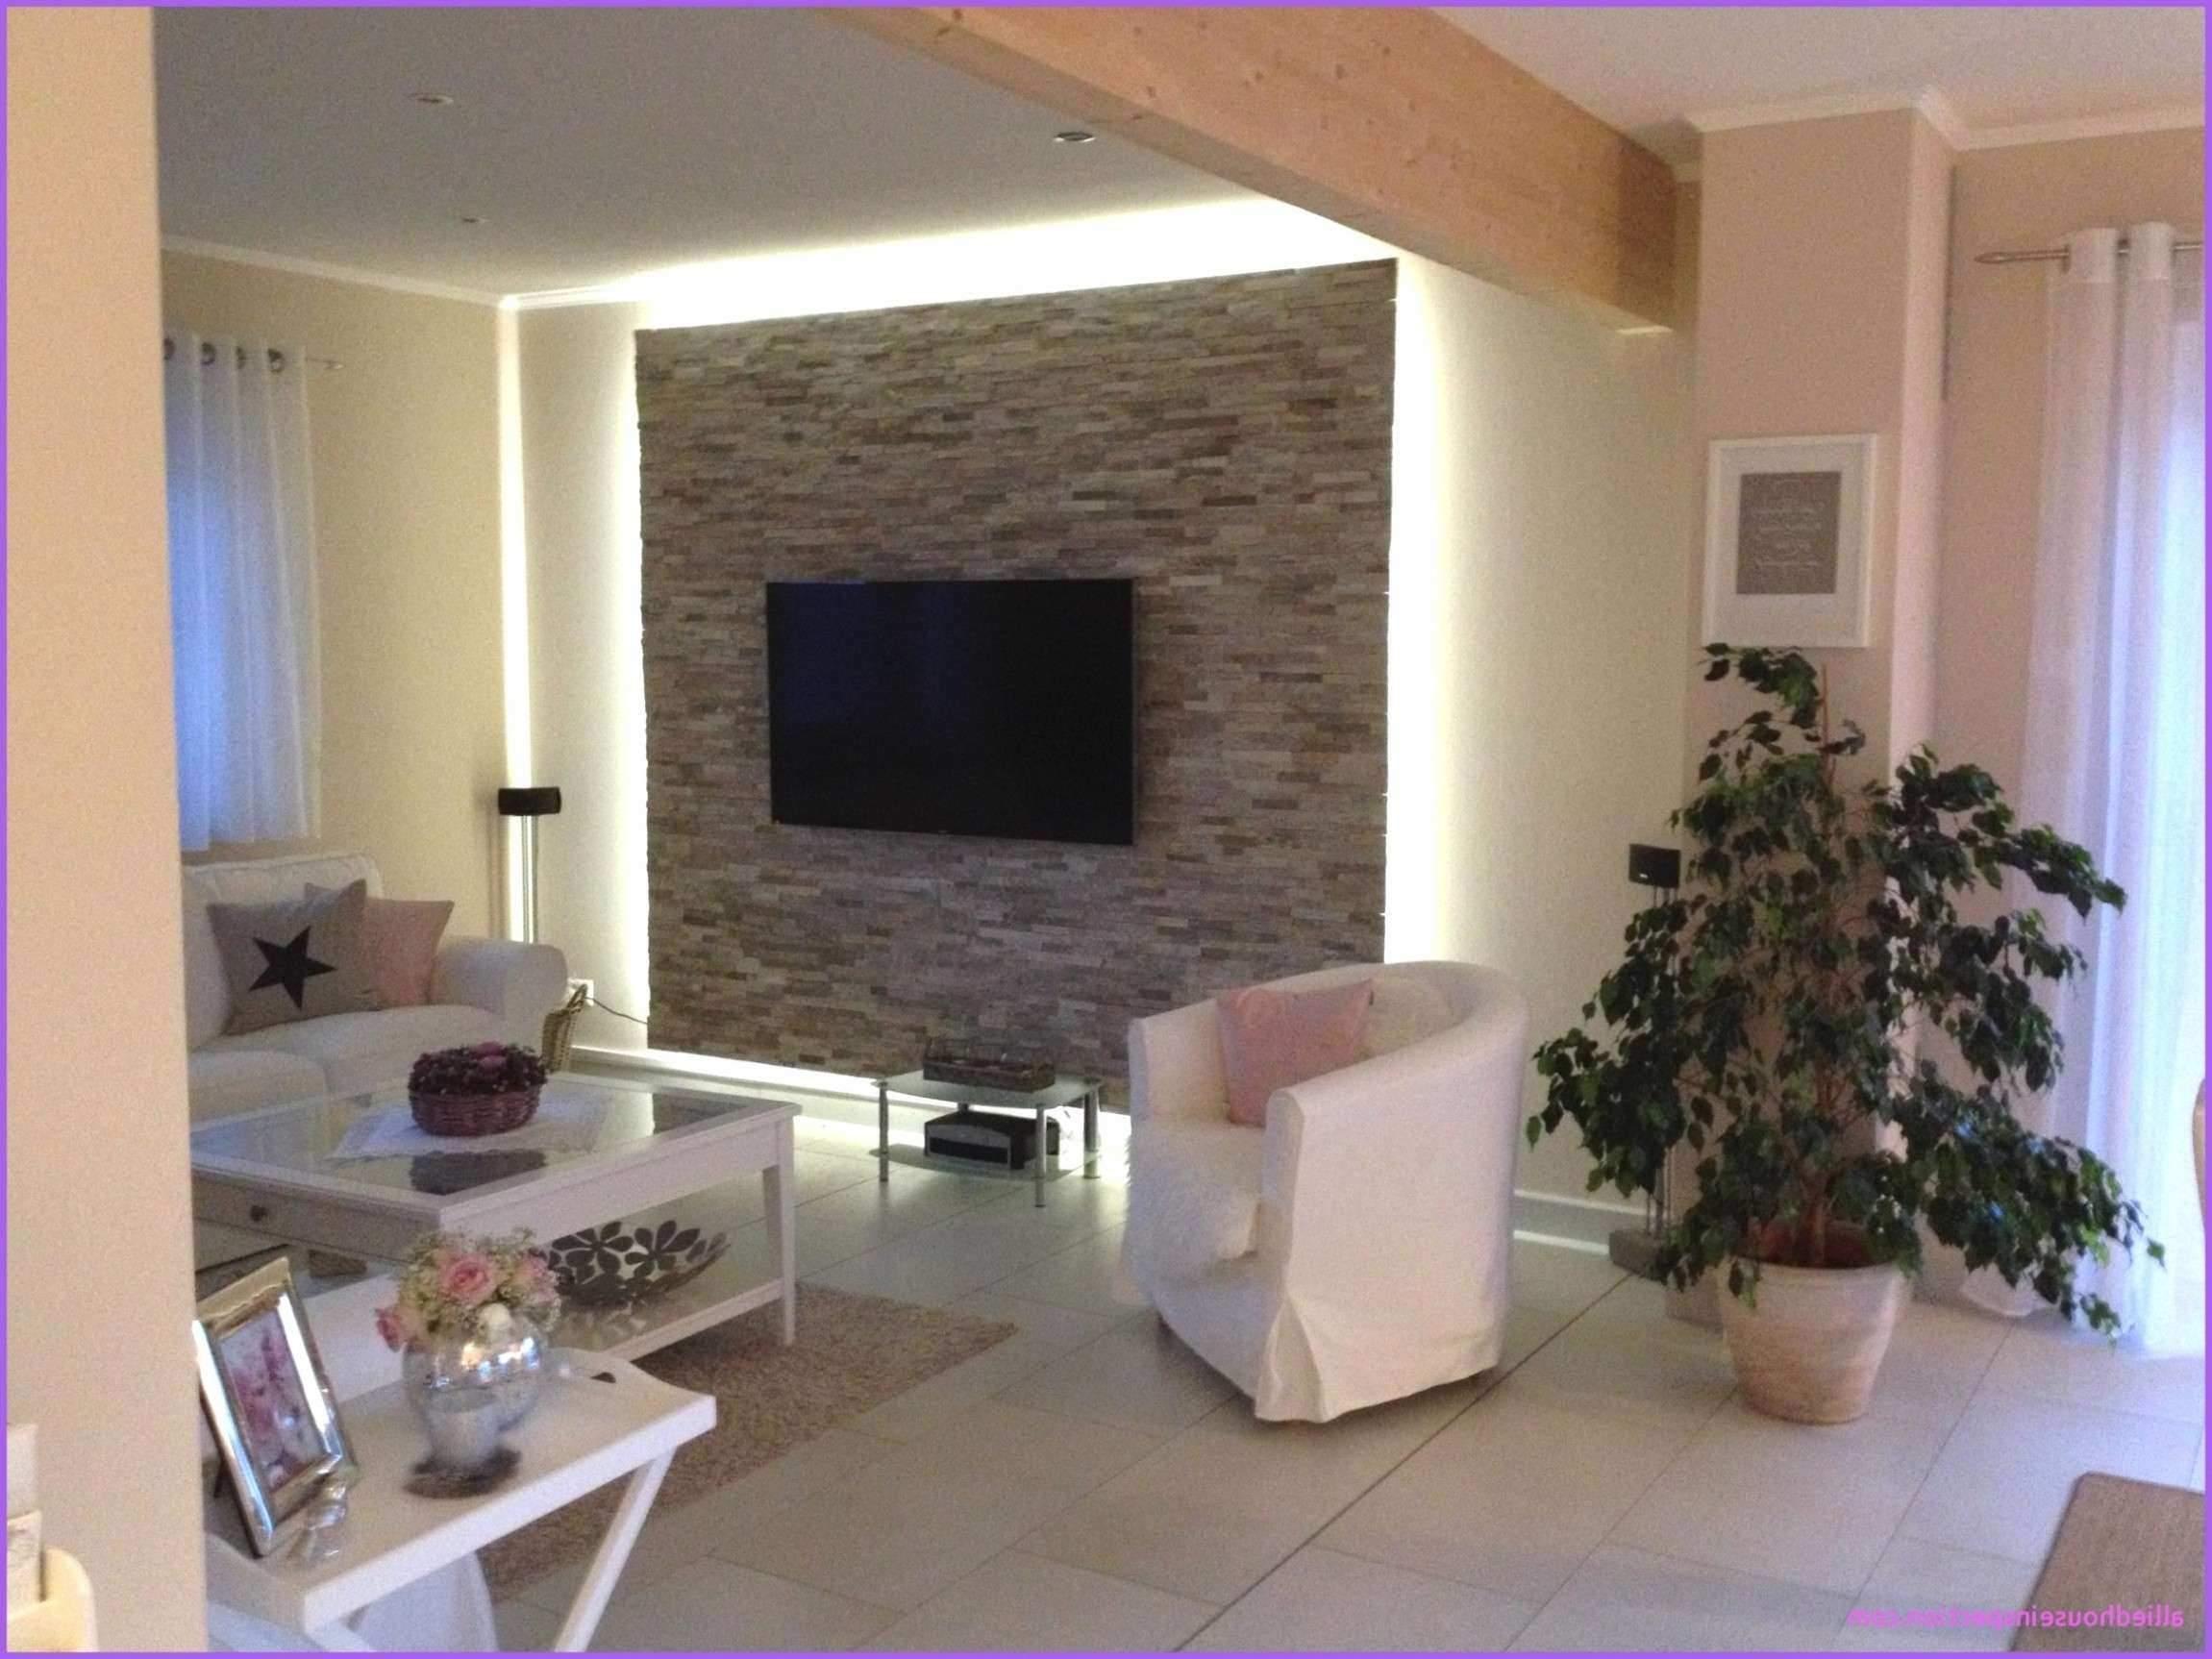 klapptisch wohnzimmer genial wohnzimmer beleuchtung planen einzigartig 50 tolle von led of klapptisch wohnzimmer